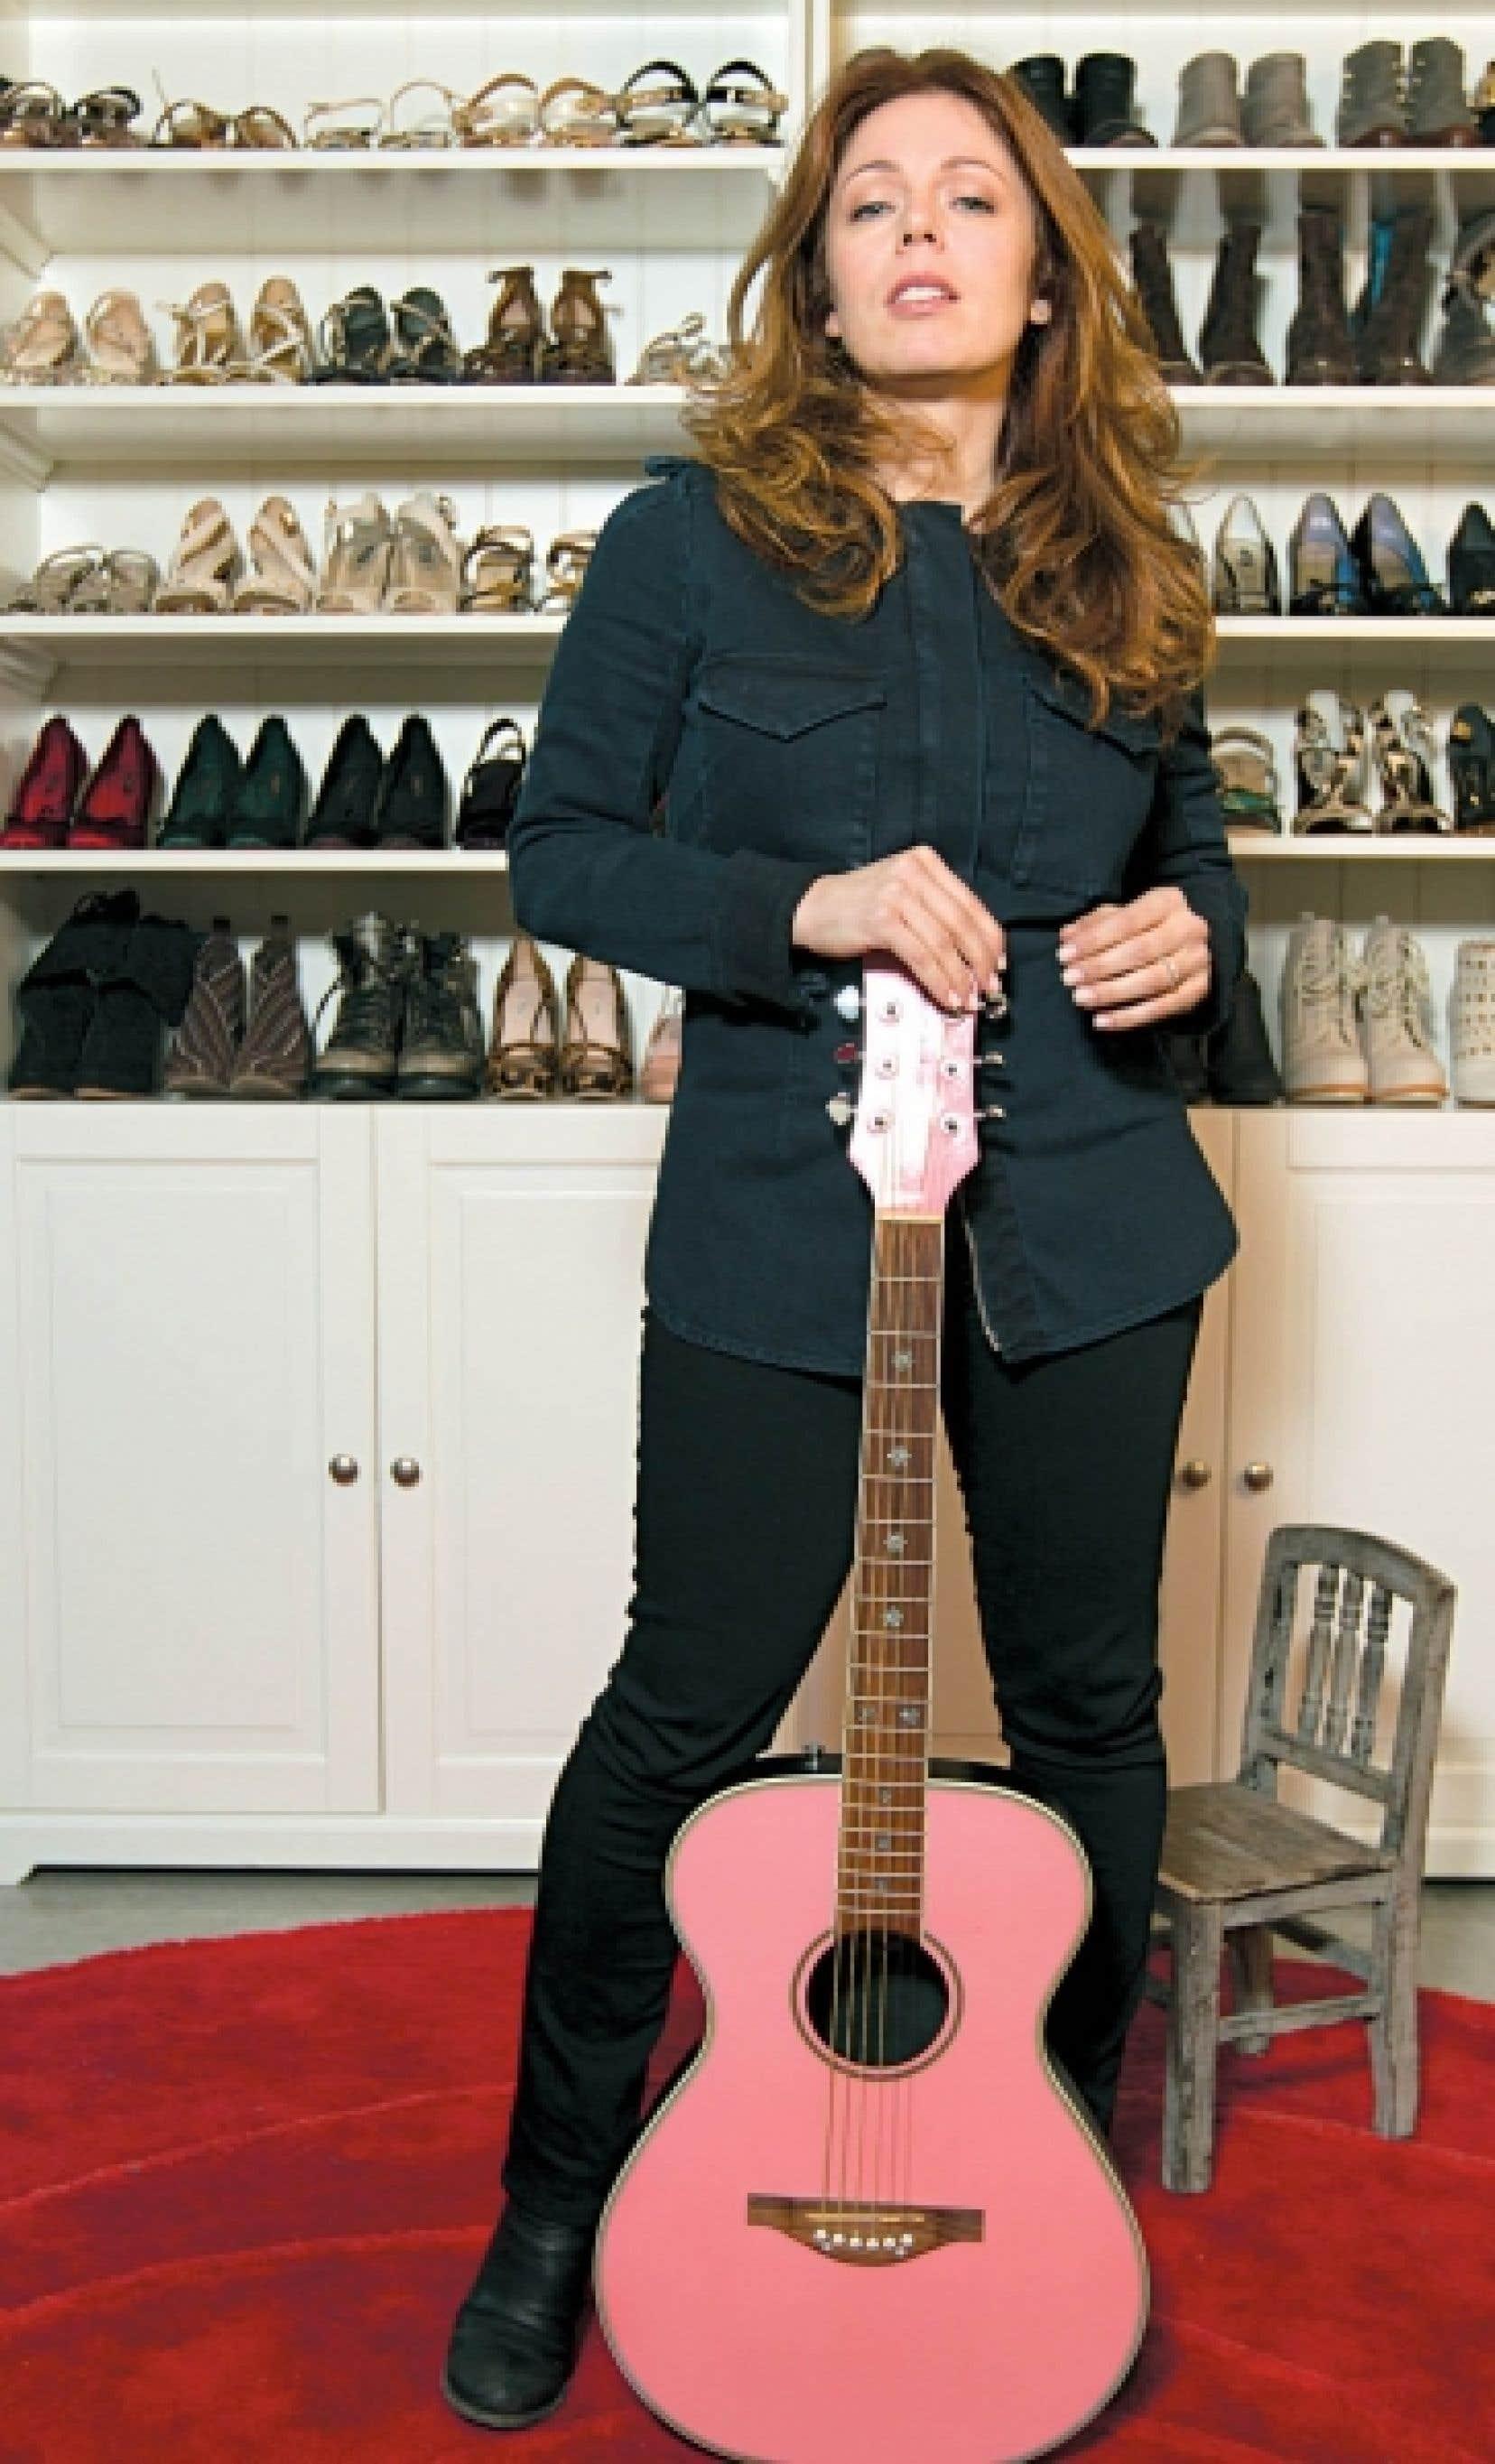 Dans l'atelier d'Isabelle Boulay, une étagère de souliers en entrant...et une vieille guitare avec laquelle, précise Isabelle, son réalisateur-arrangeur Benjamin Biolay a composé Voulez-vous l'amour?<br />